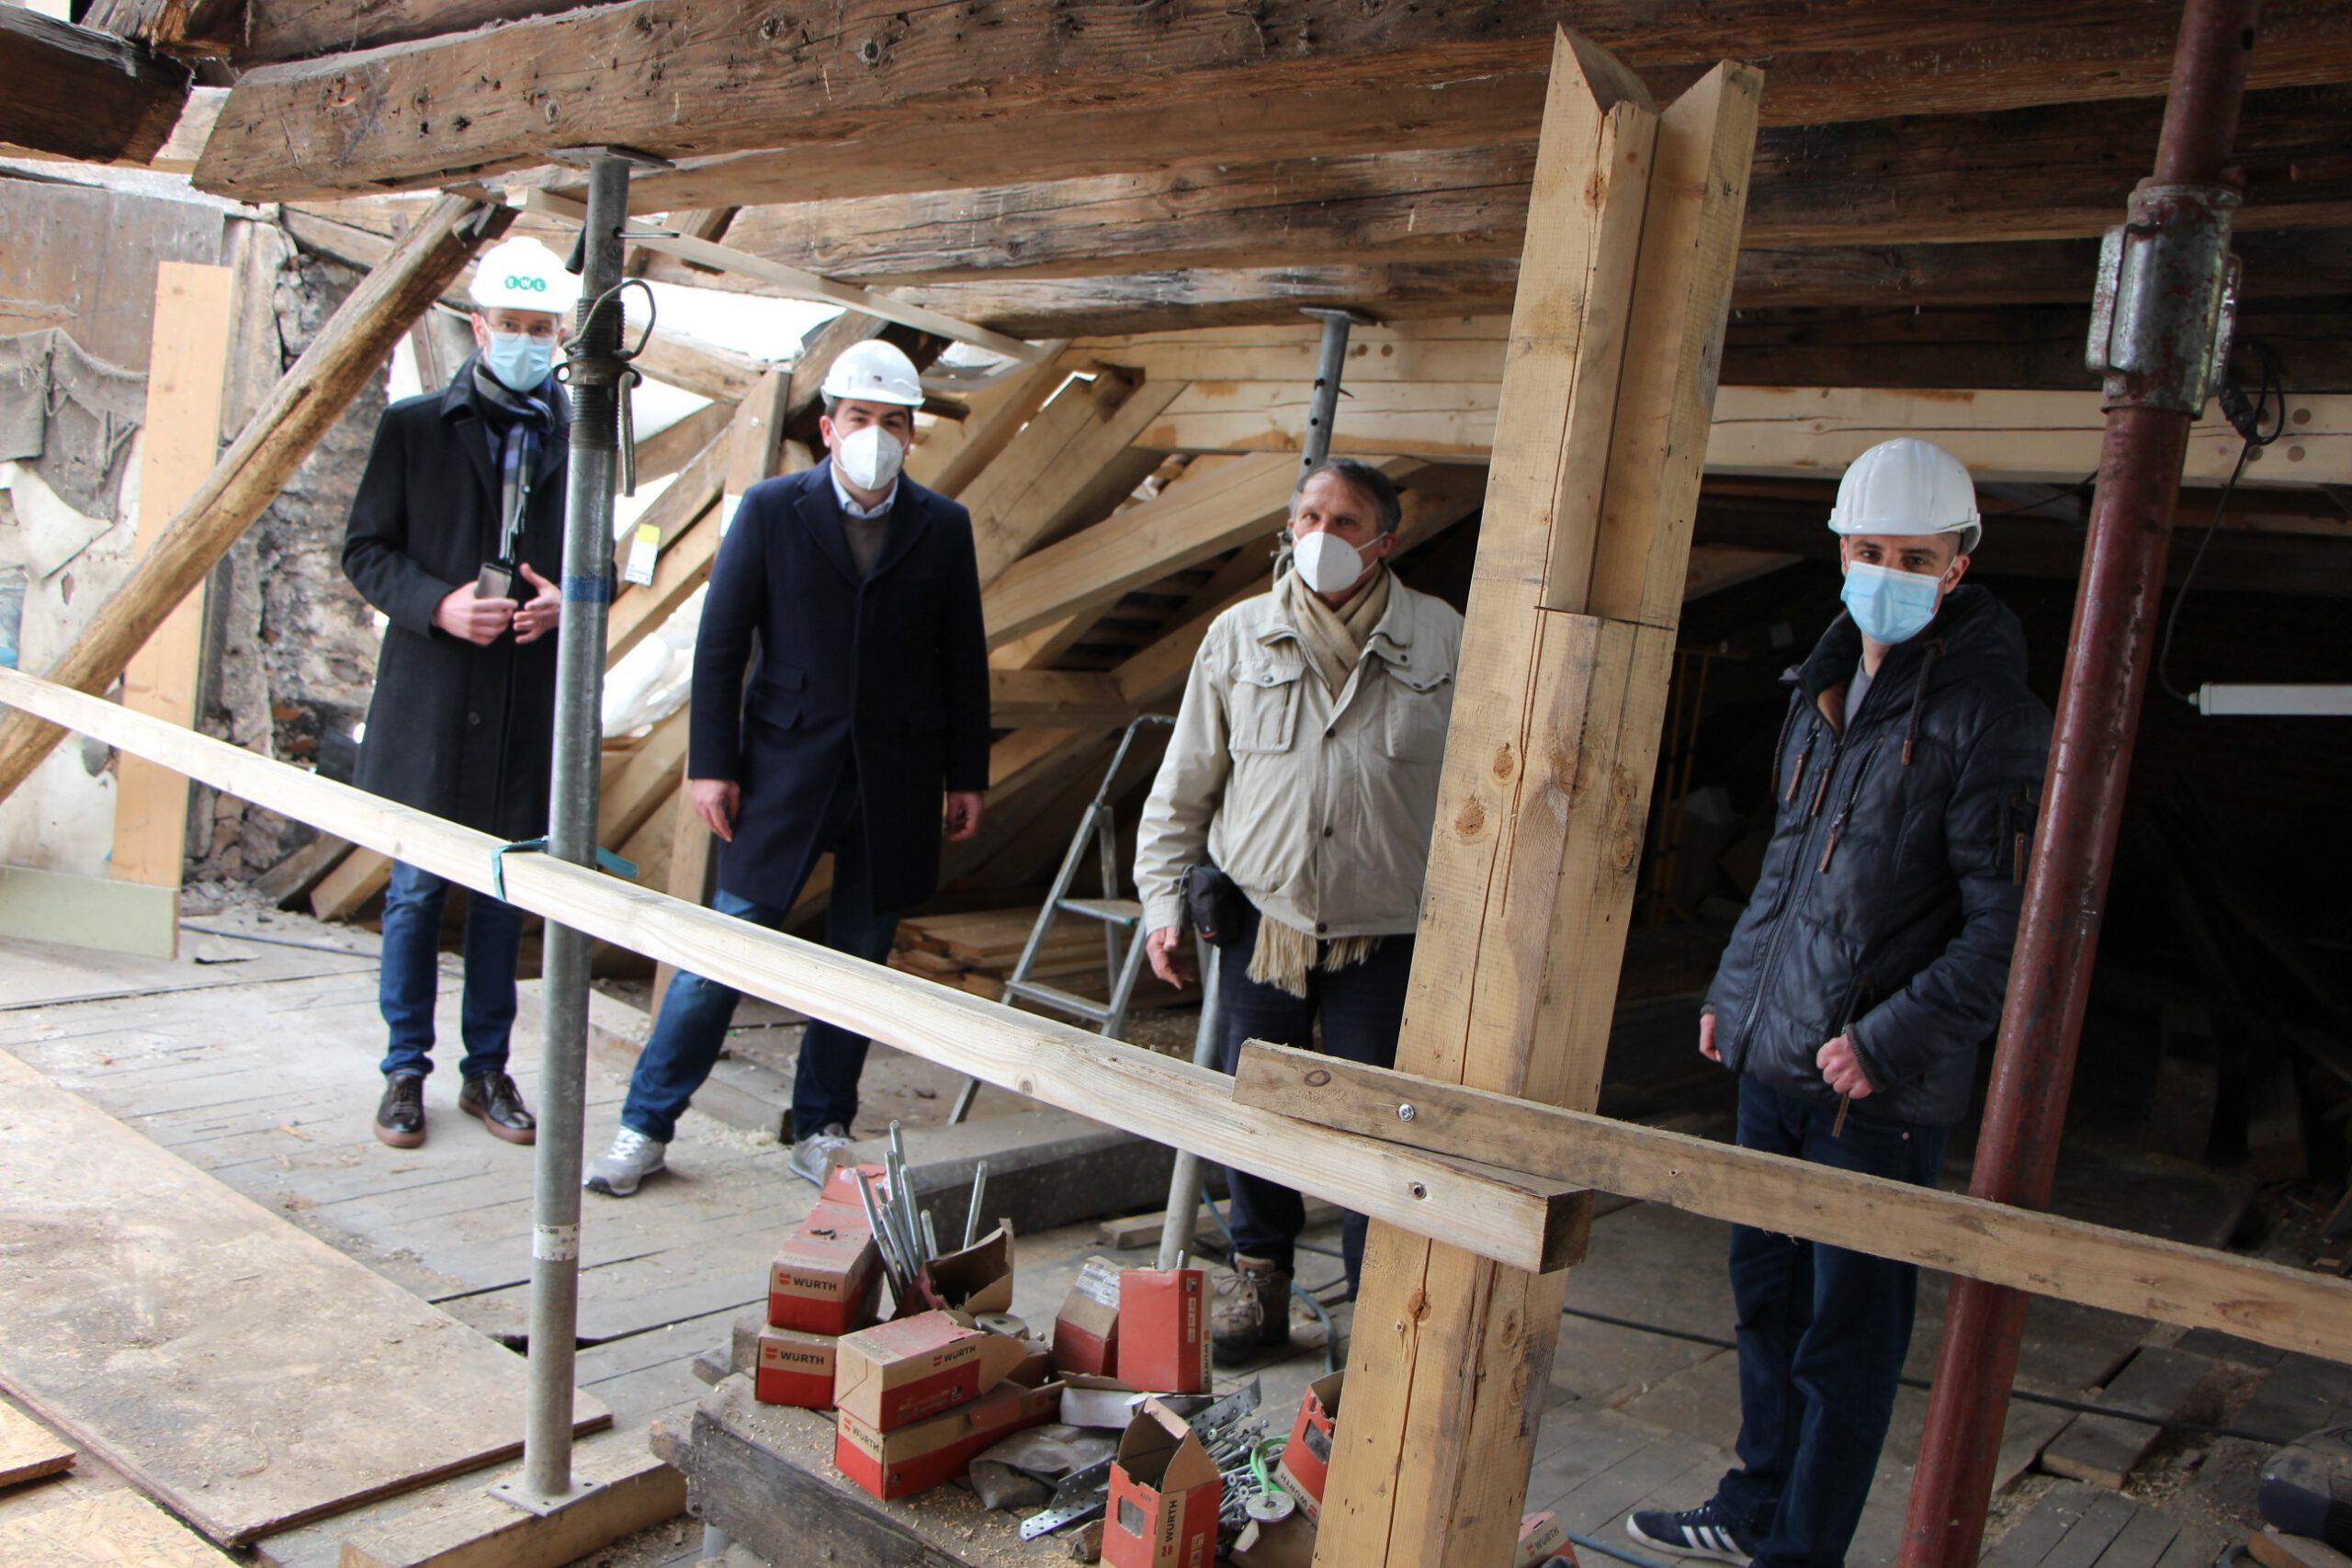 Haus zum Maulbeerbaum. Genossenschaft setzt auf weitere Bundesförderung für das Sanierungsprojekt.